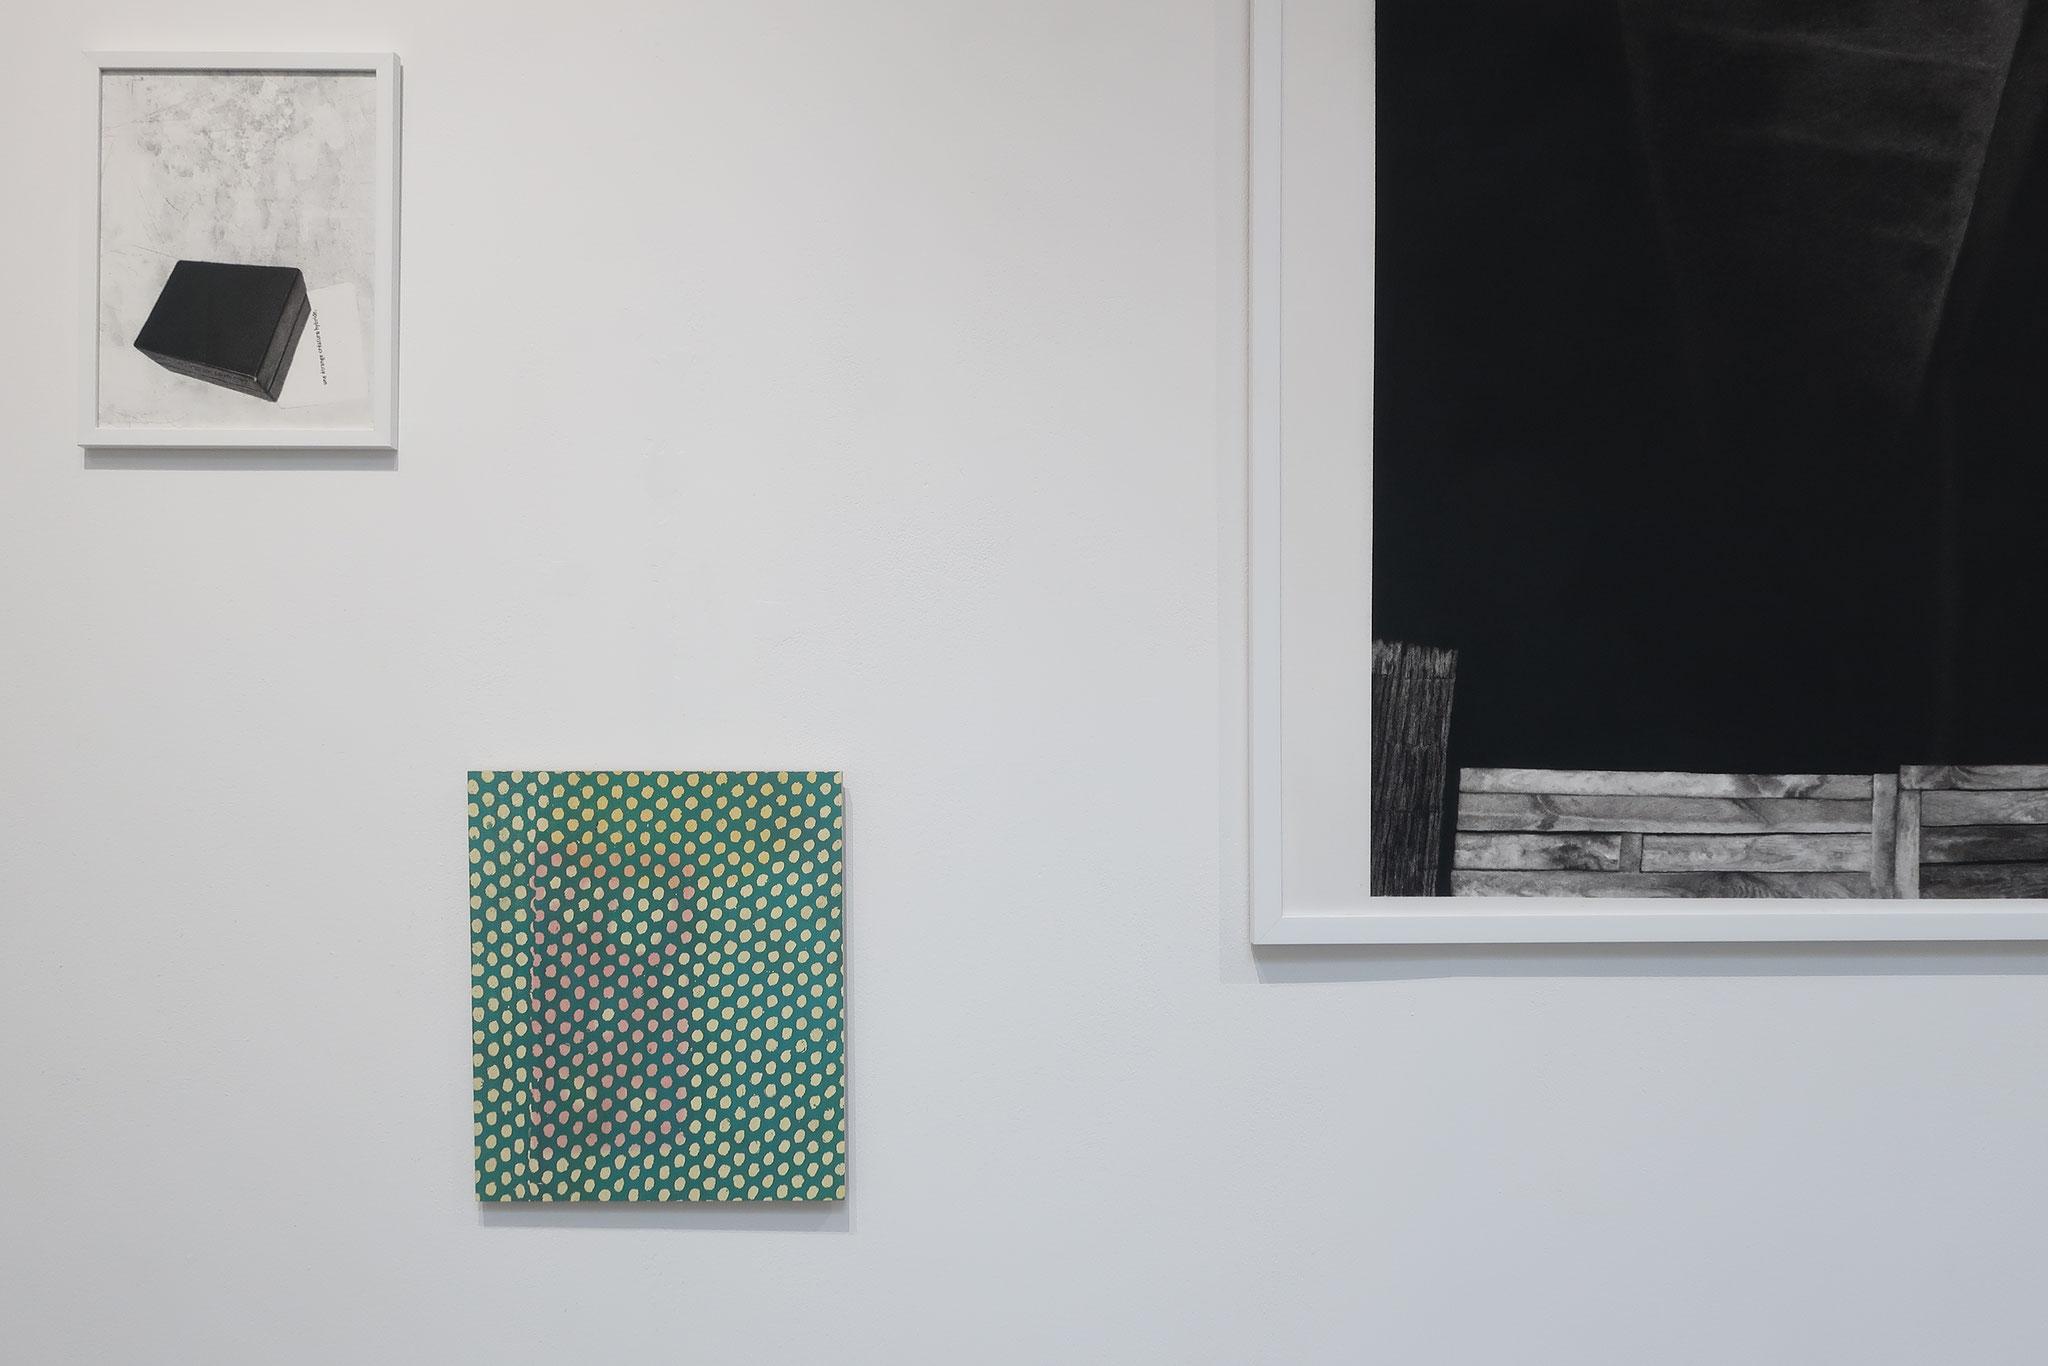 Serpents et échelles, Interstice, fusain et mine graphite sur papier, 27,5 x 35 cm, 2018 / Mue, L'âpreté d'un fruit vert, aquarelle et acrylique sur bois 31,5 x 36,5 cm, 2017